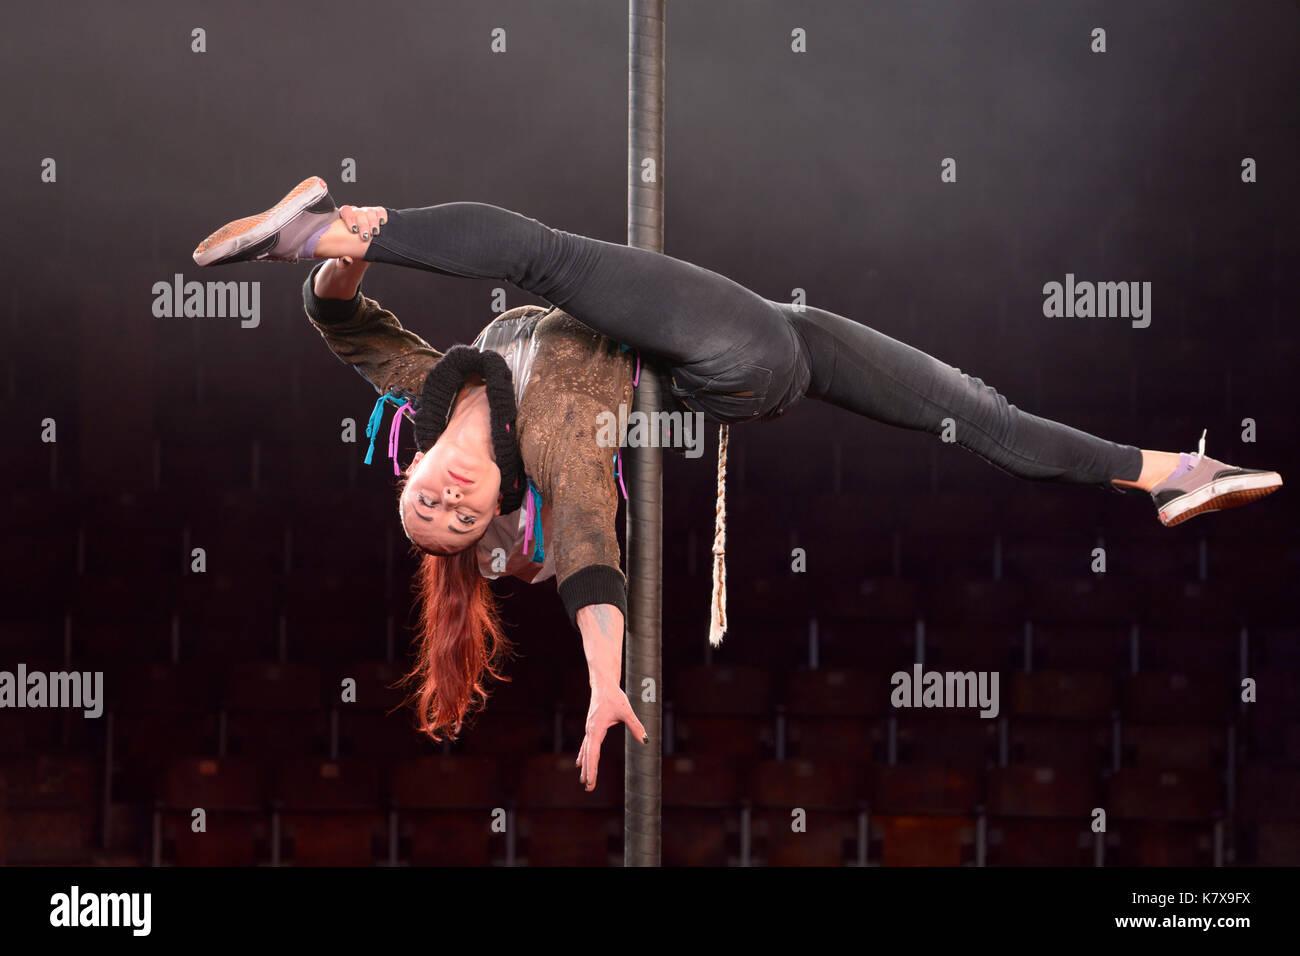 Probe der Nationalen Circus der Ukraine Künstler. Pole Dance (chorde-de-PAREIL). Stockbild